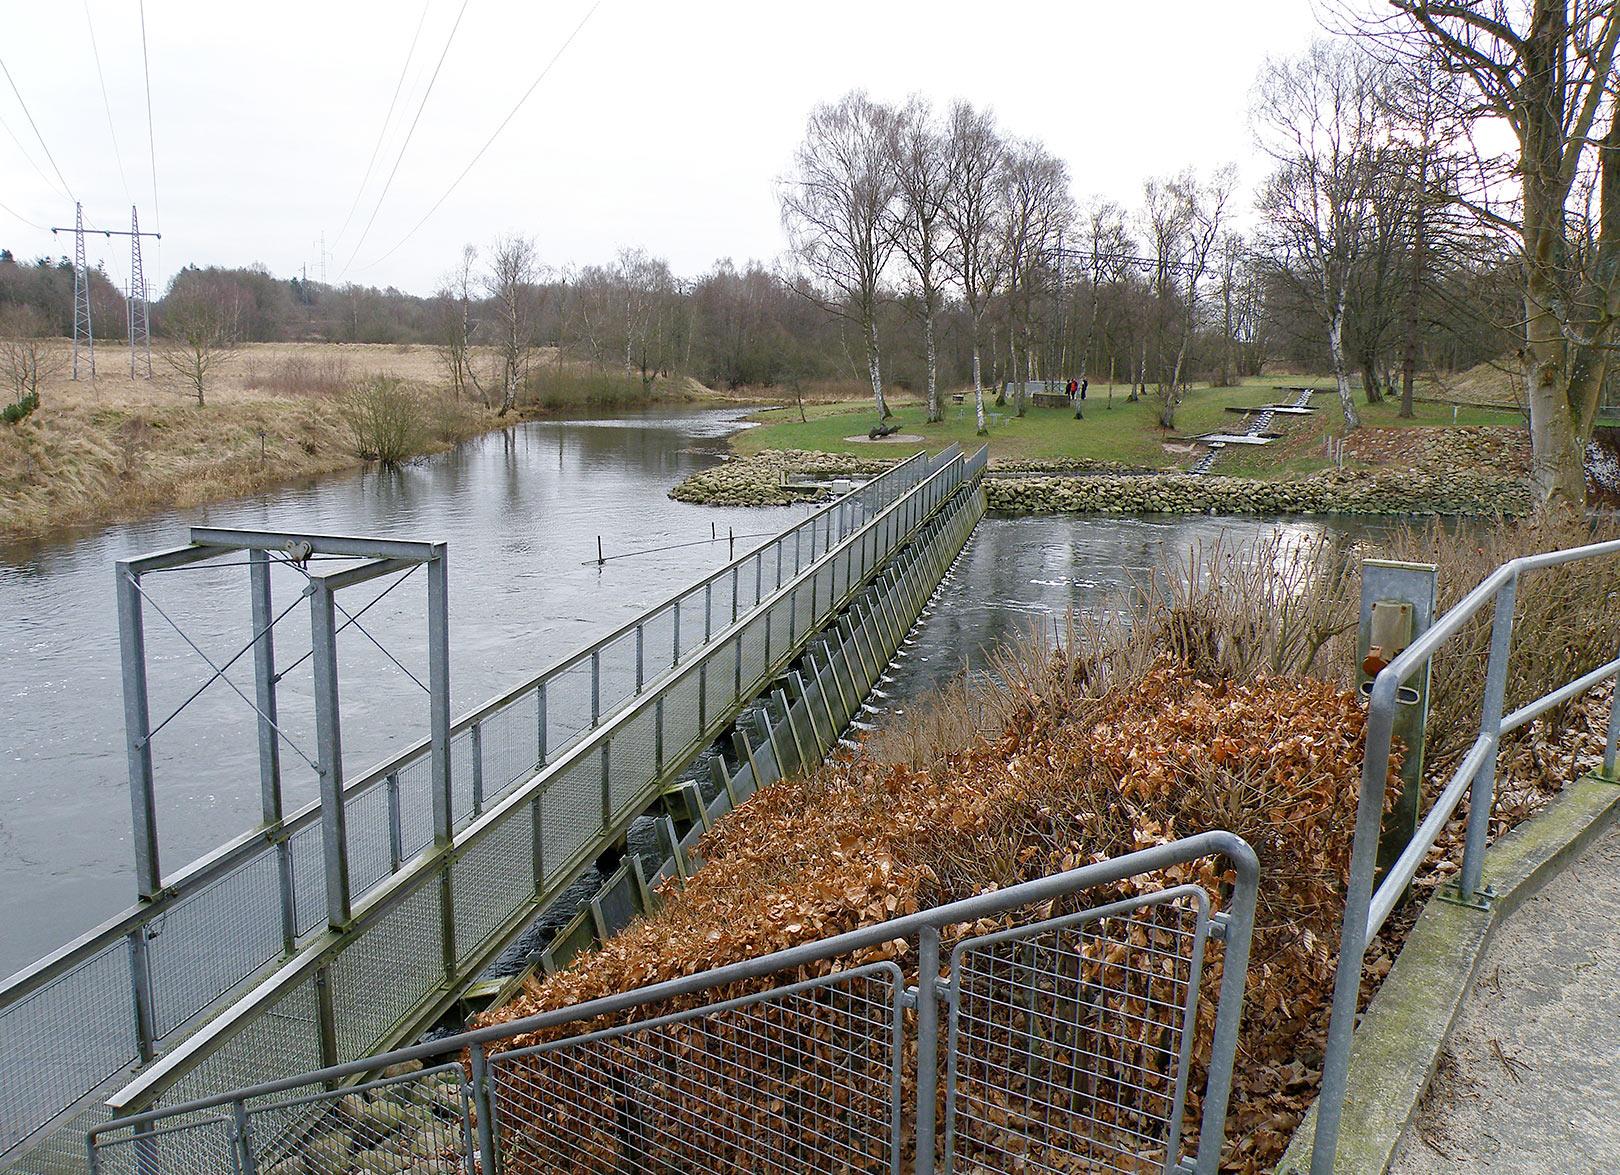 Risteværket foran fisketrappen ved Tangeværket, der spærrer Gudenåens frie løb.